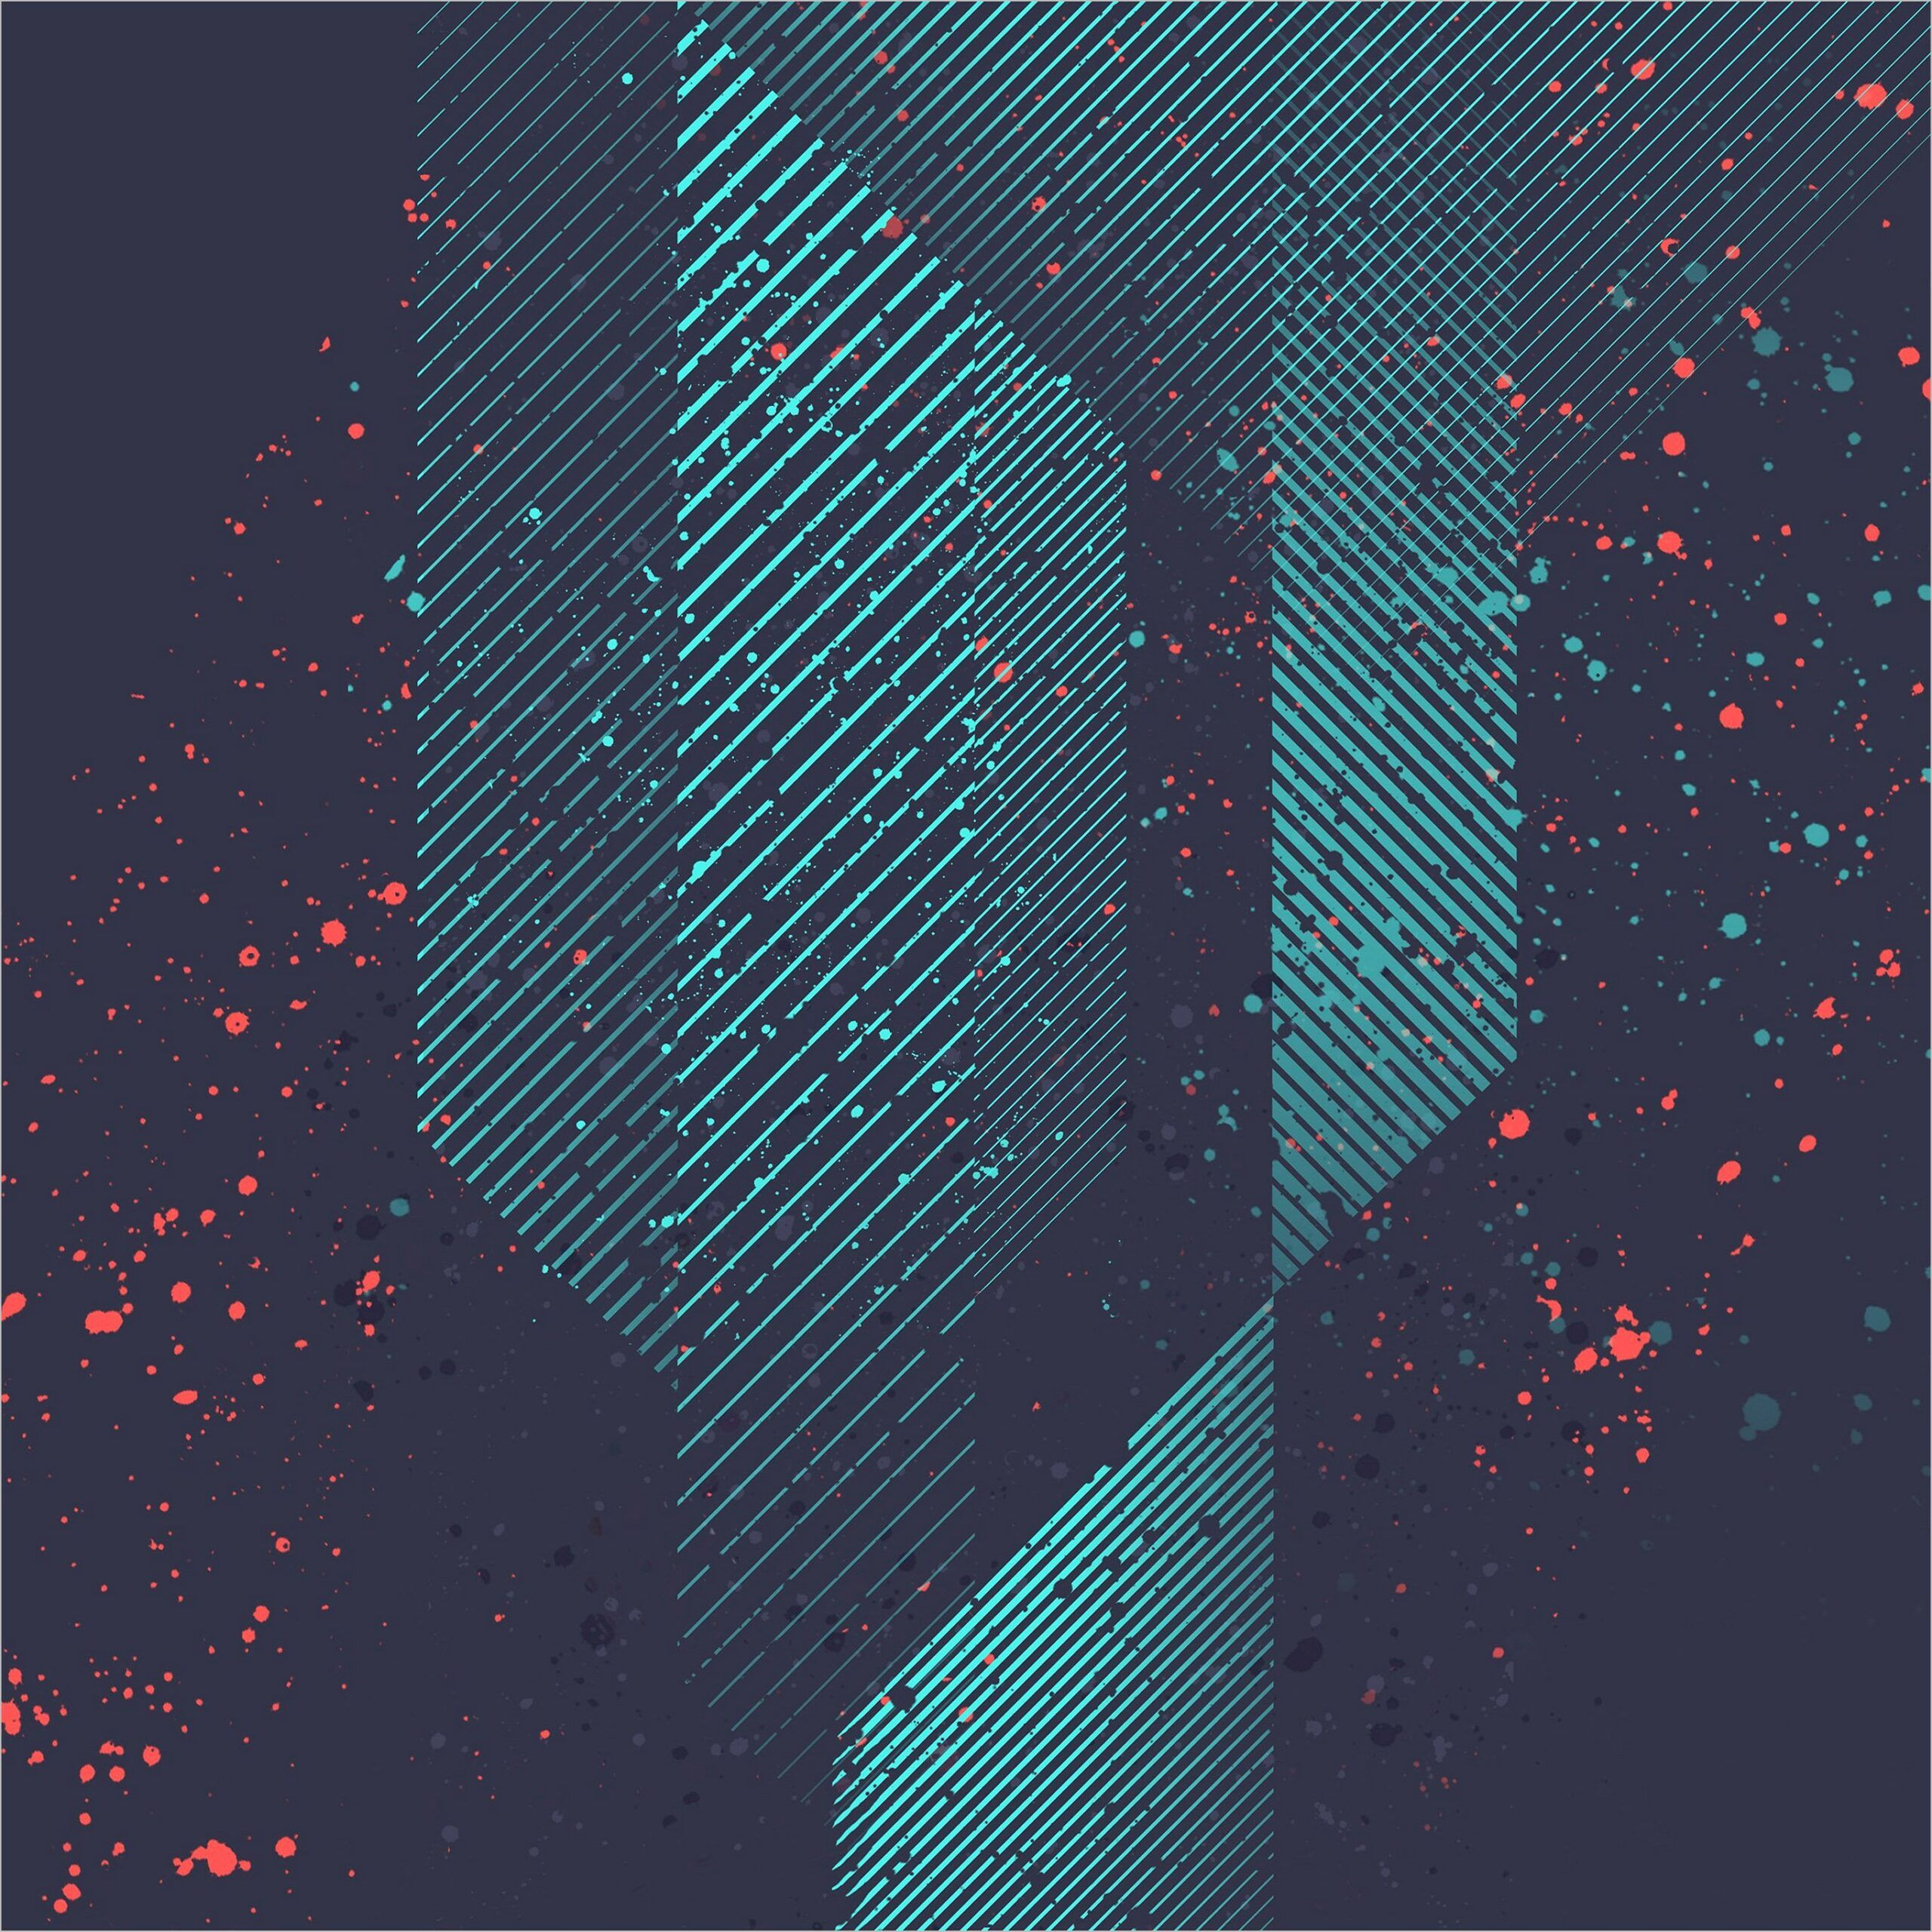 Ipad Pro Wallpaper 4k Reddit In 2020 Ipad Air Wallpaper Ipad Wallpaper Retina Ipad Pro Wallpaper